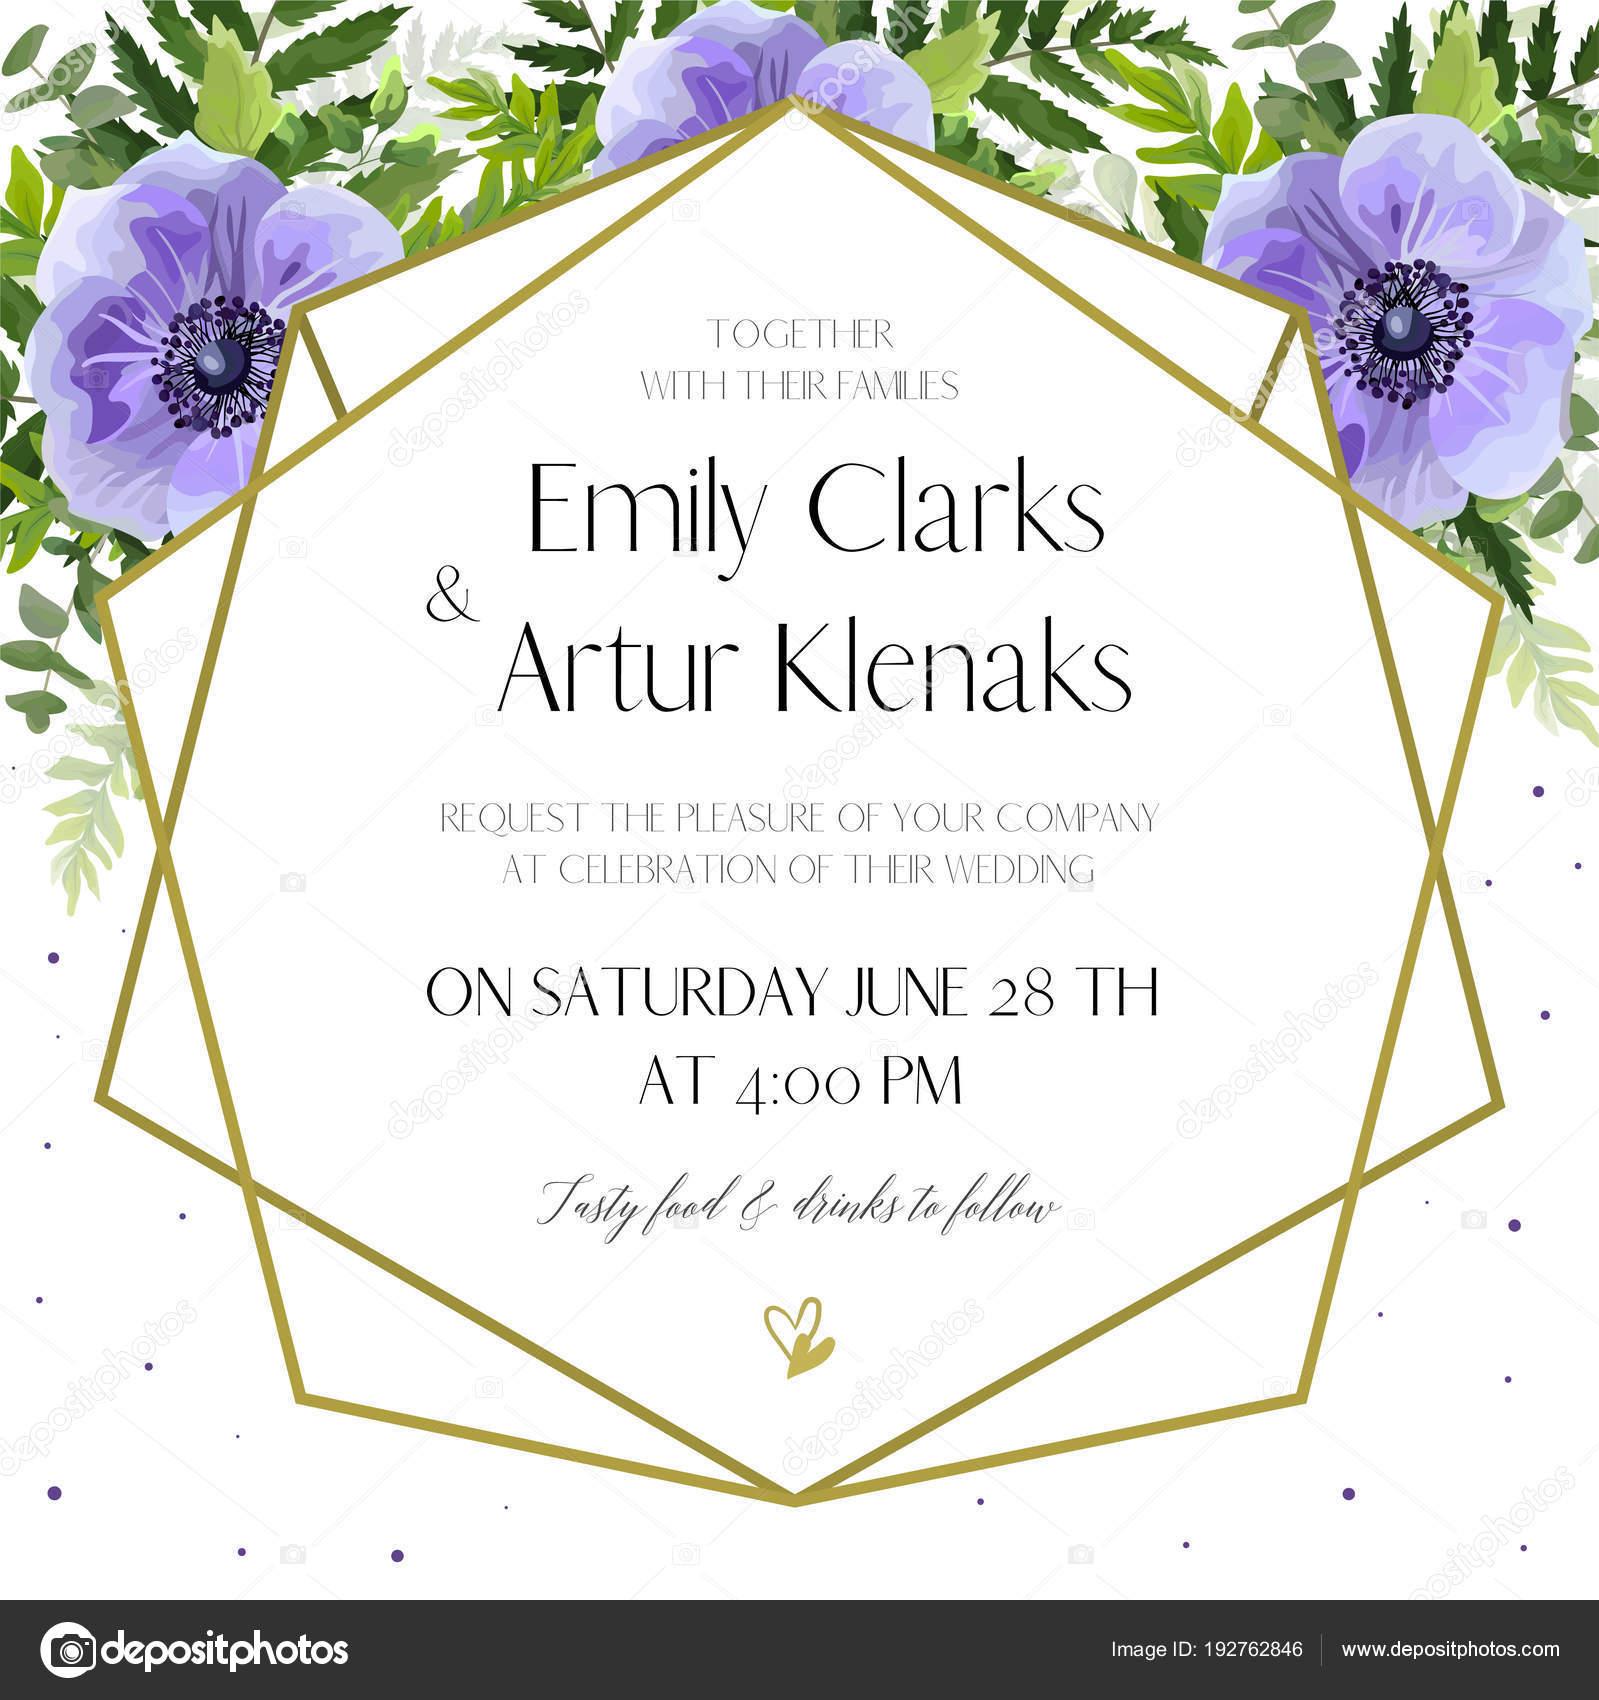 Wedding Invitation, floral invite card Design: ultra violet lavender ...